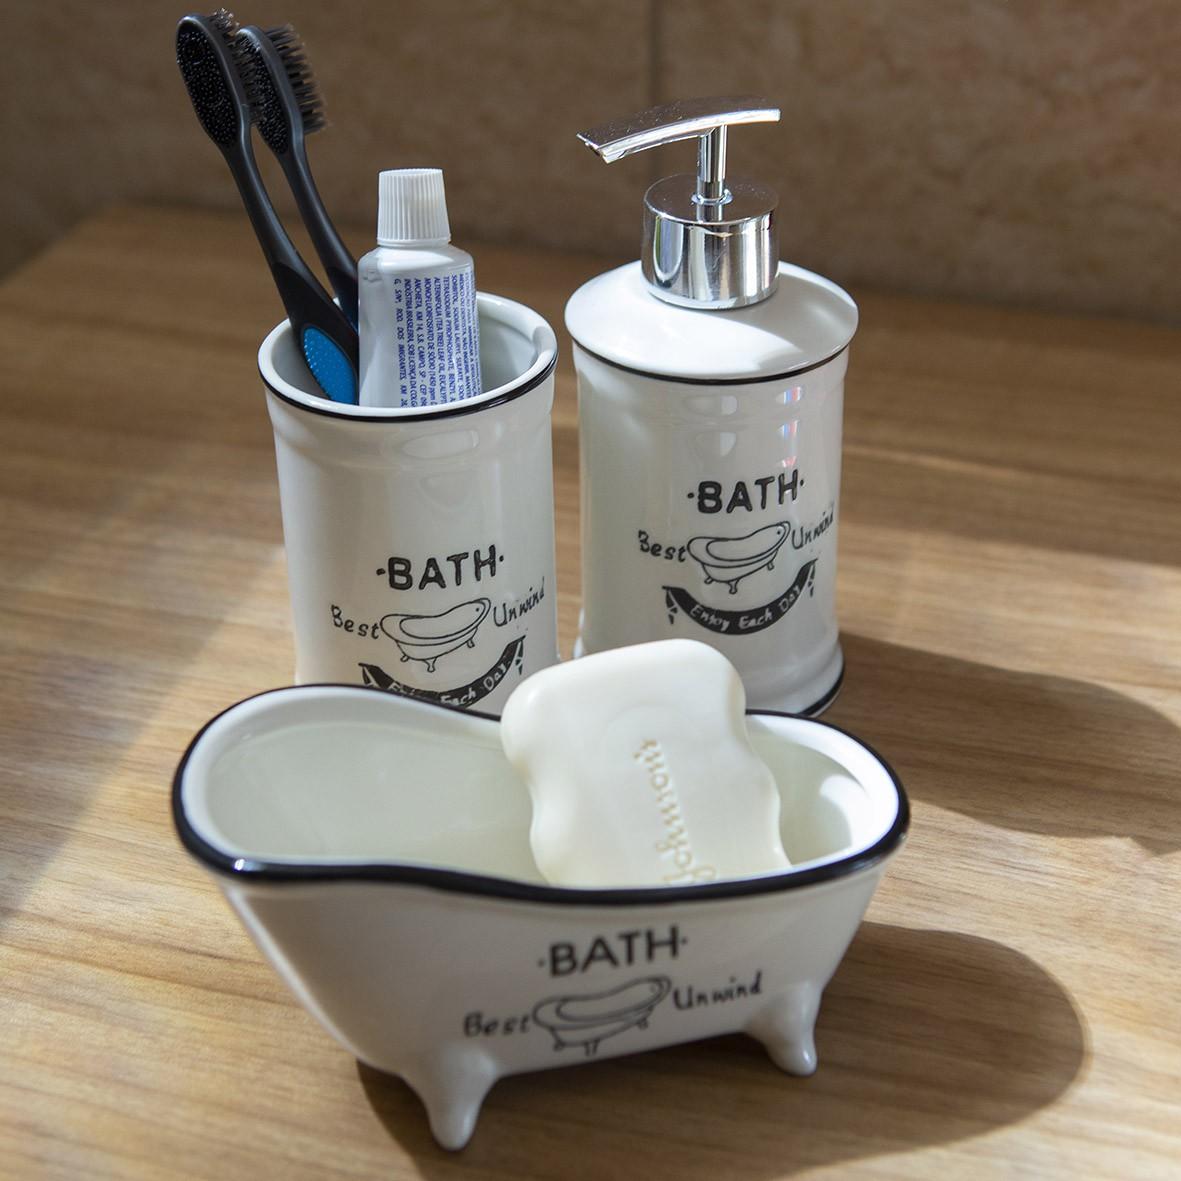 Kit para Banheiro 3 peças Preto e Branco itens Clássicos